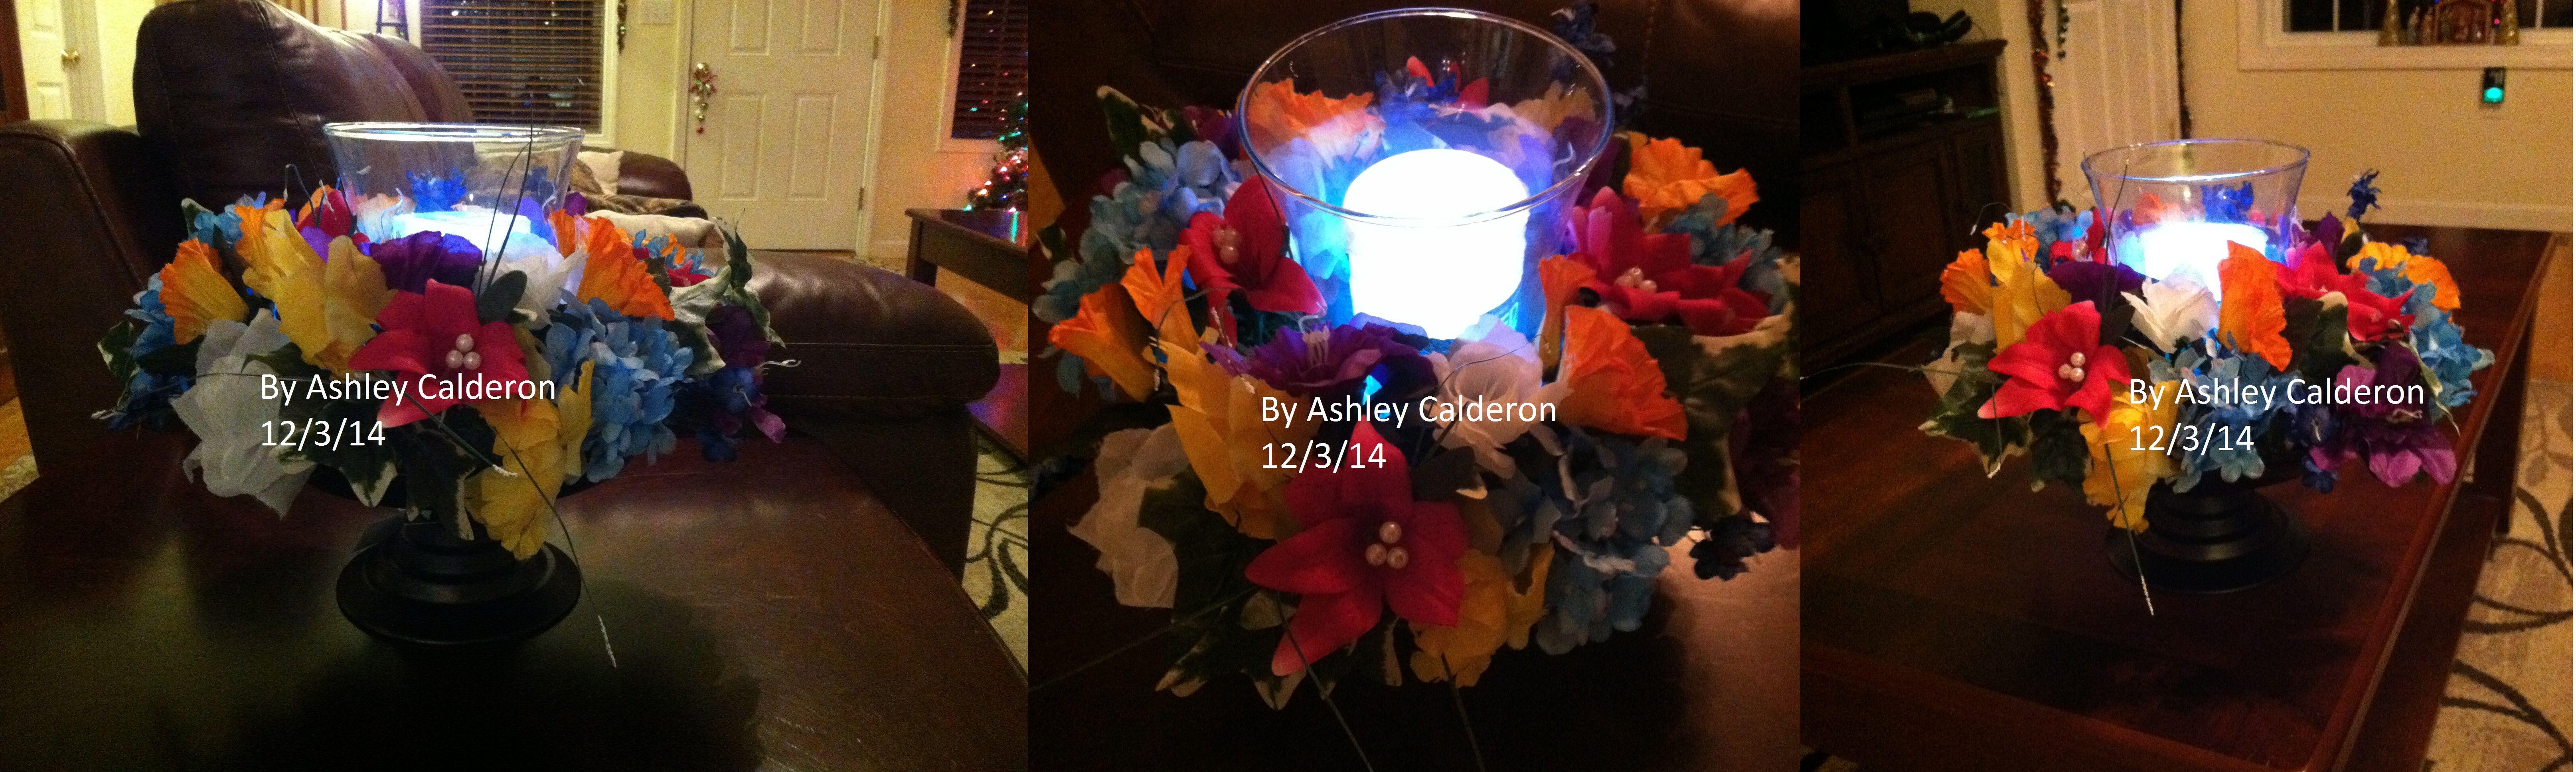 My Wedding Centerpieces Tropical Garden Theme 1 Tealight Candles